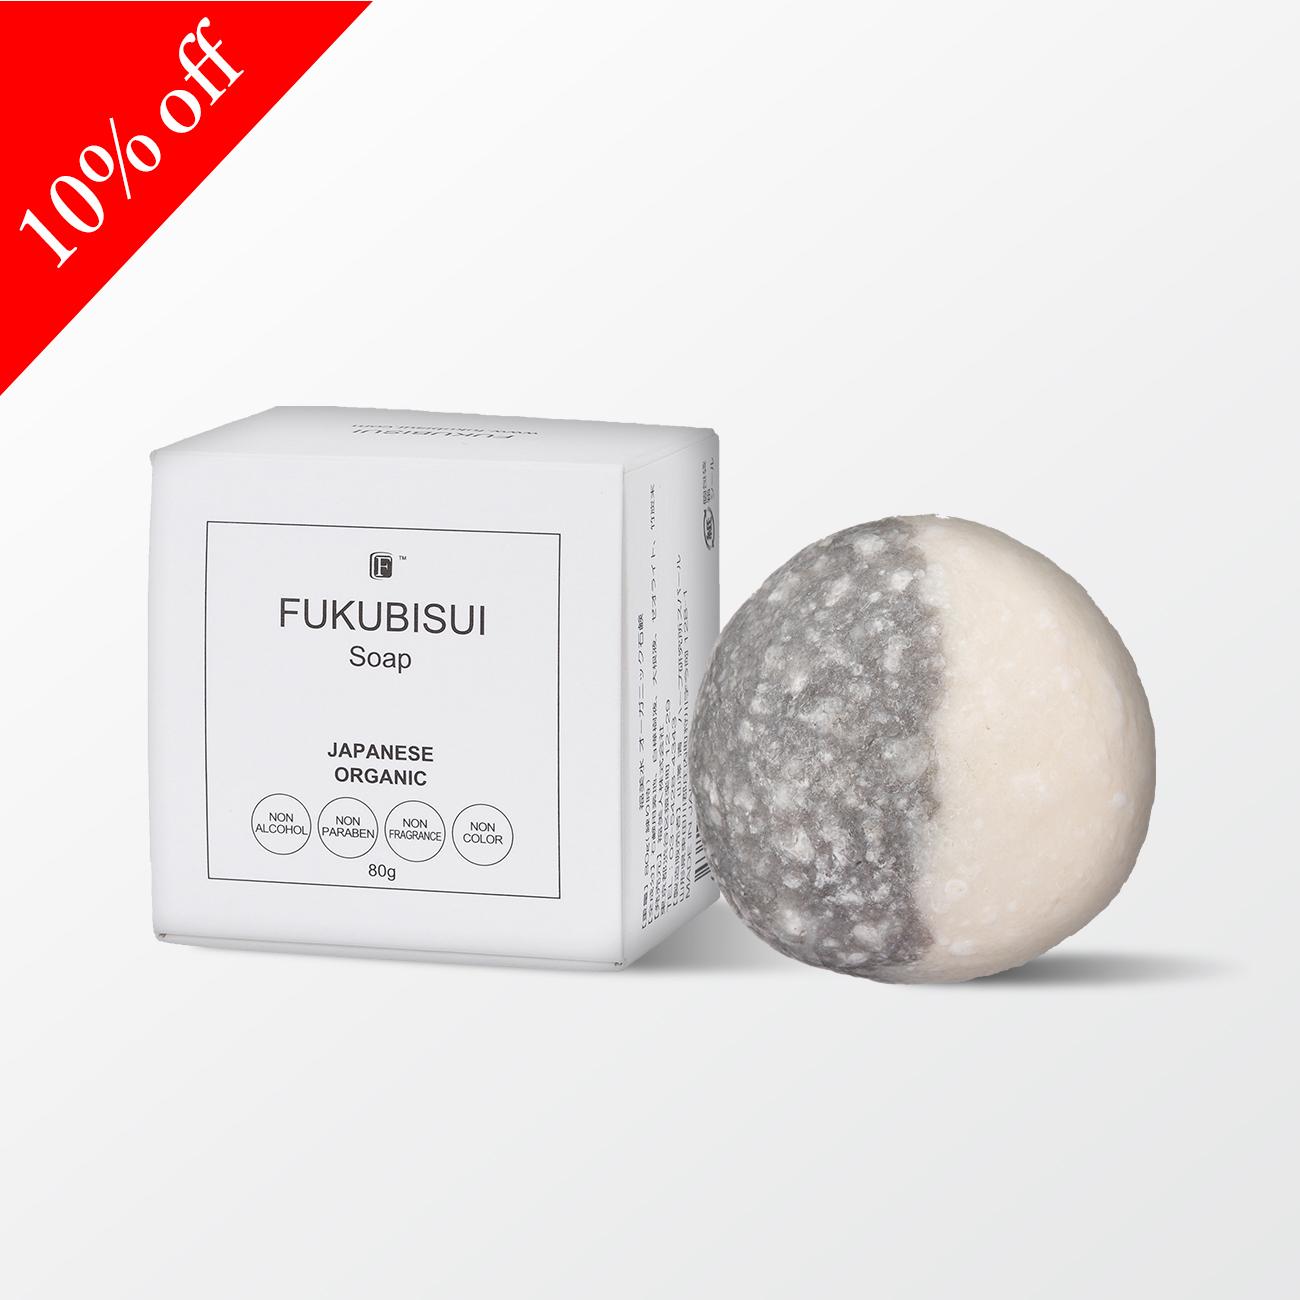 【定期購入】福美水オーガニック石鹸 10%オフ